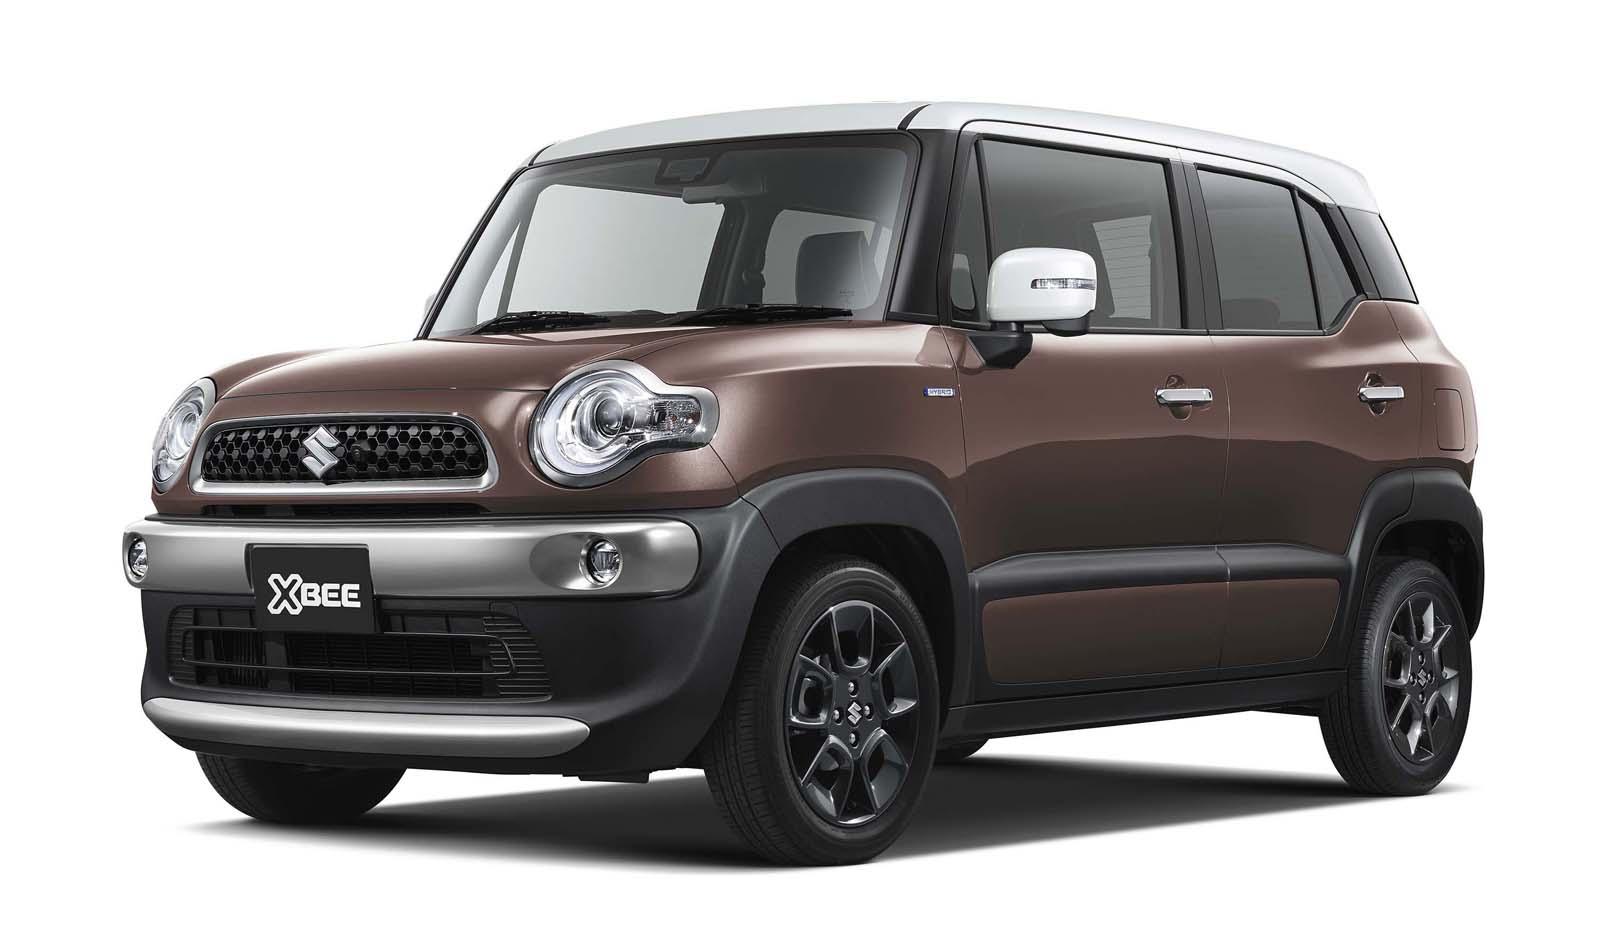 Suzuki Xbee 2018 (5)